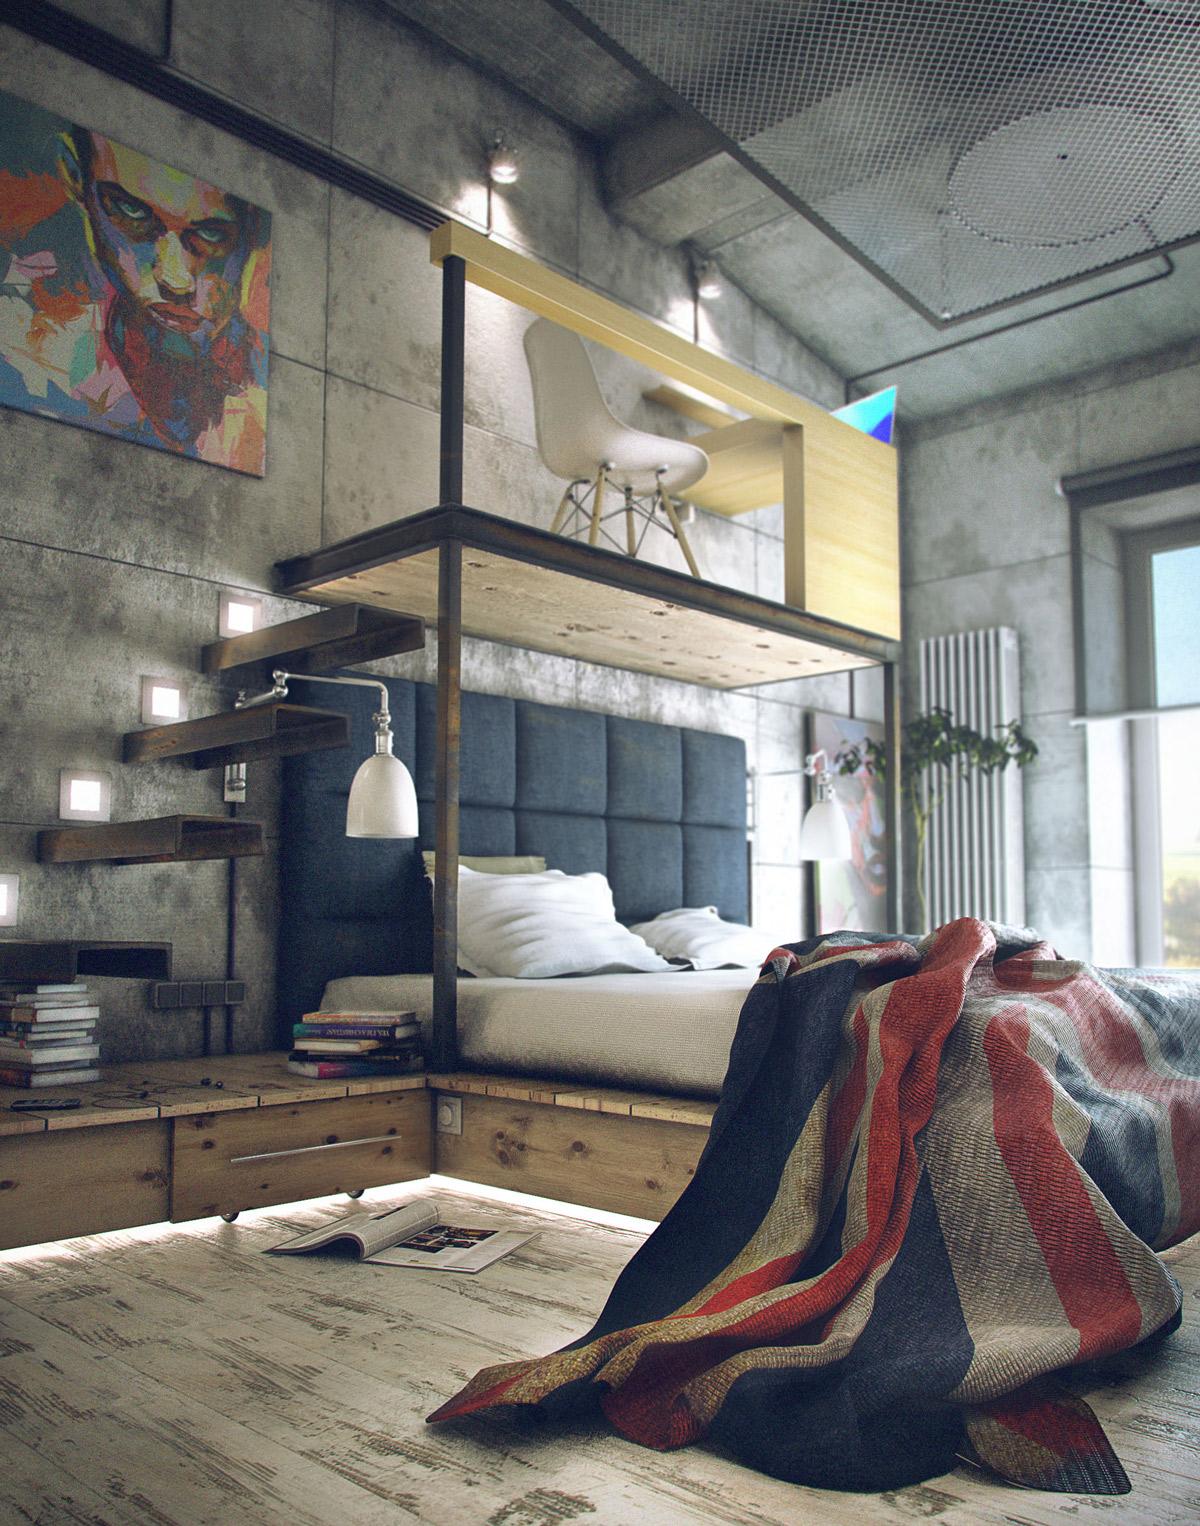 18 gợi ý cho thiết kế phòng ngủ sang trọng và phong cách - Ảnh 1.